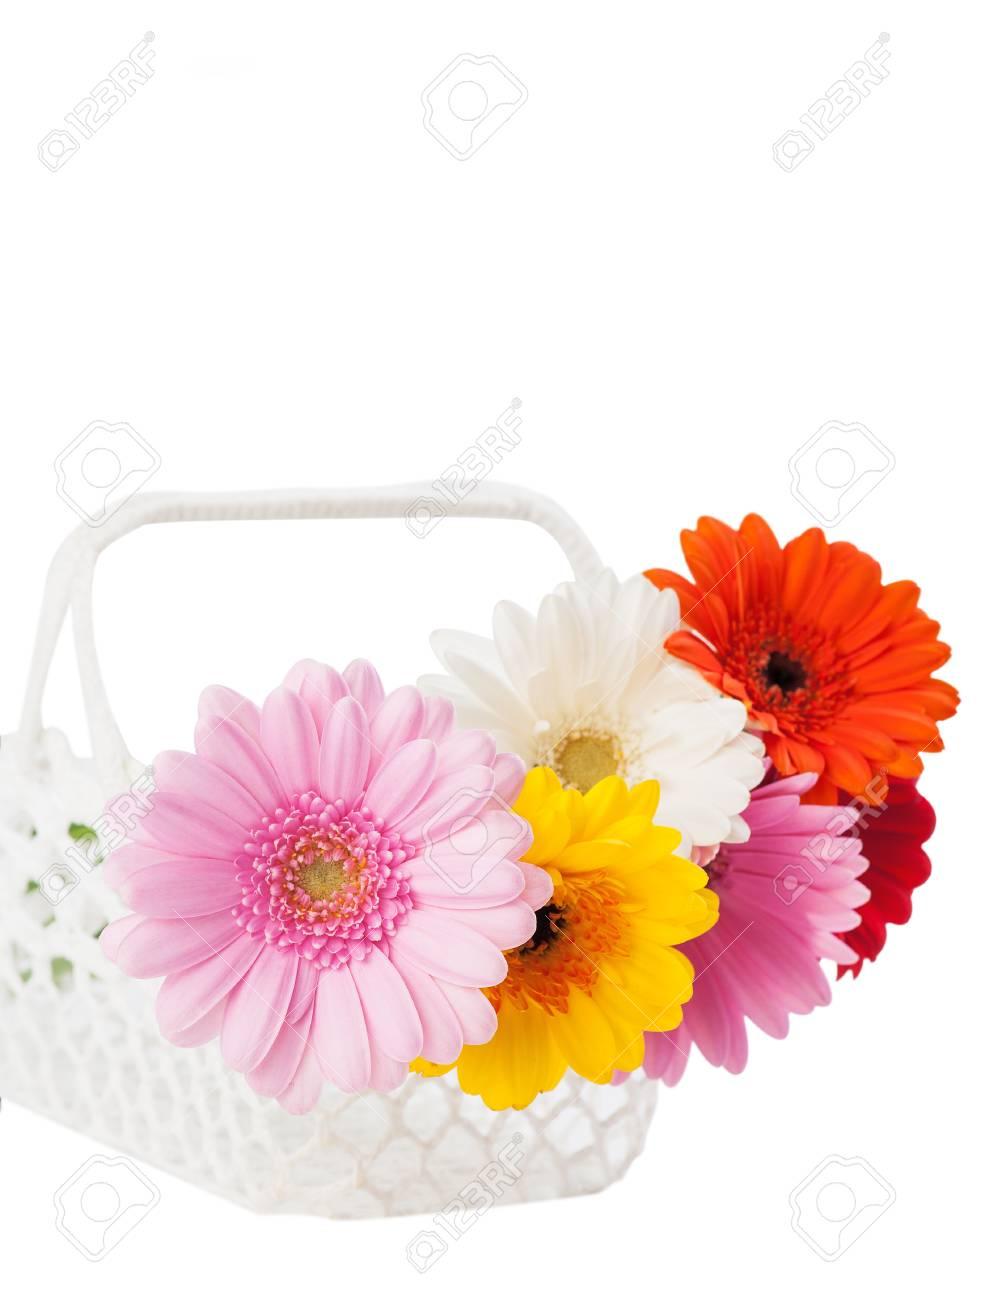 Gänseblümchen Blumen In Den Weißen Gehäkelten Korb. Blumen-Dekor Für ...